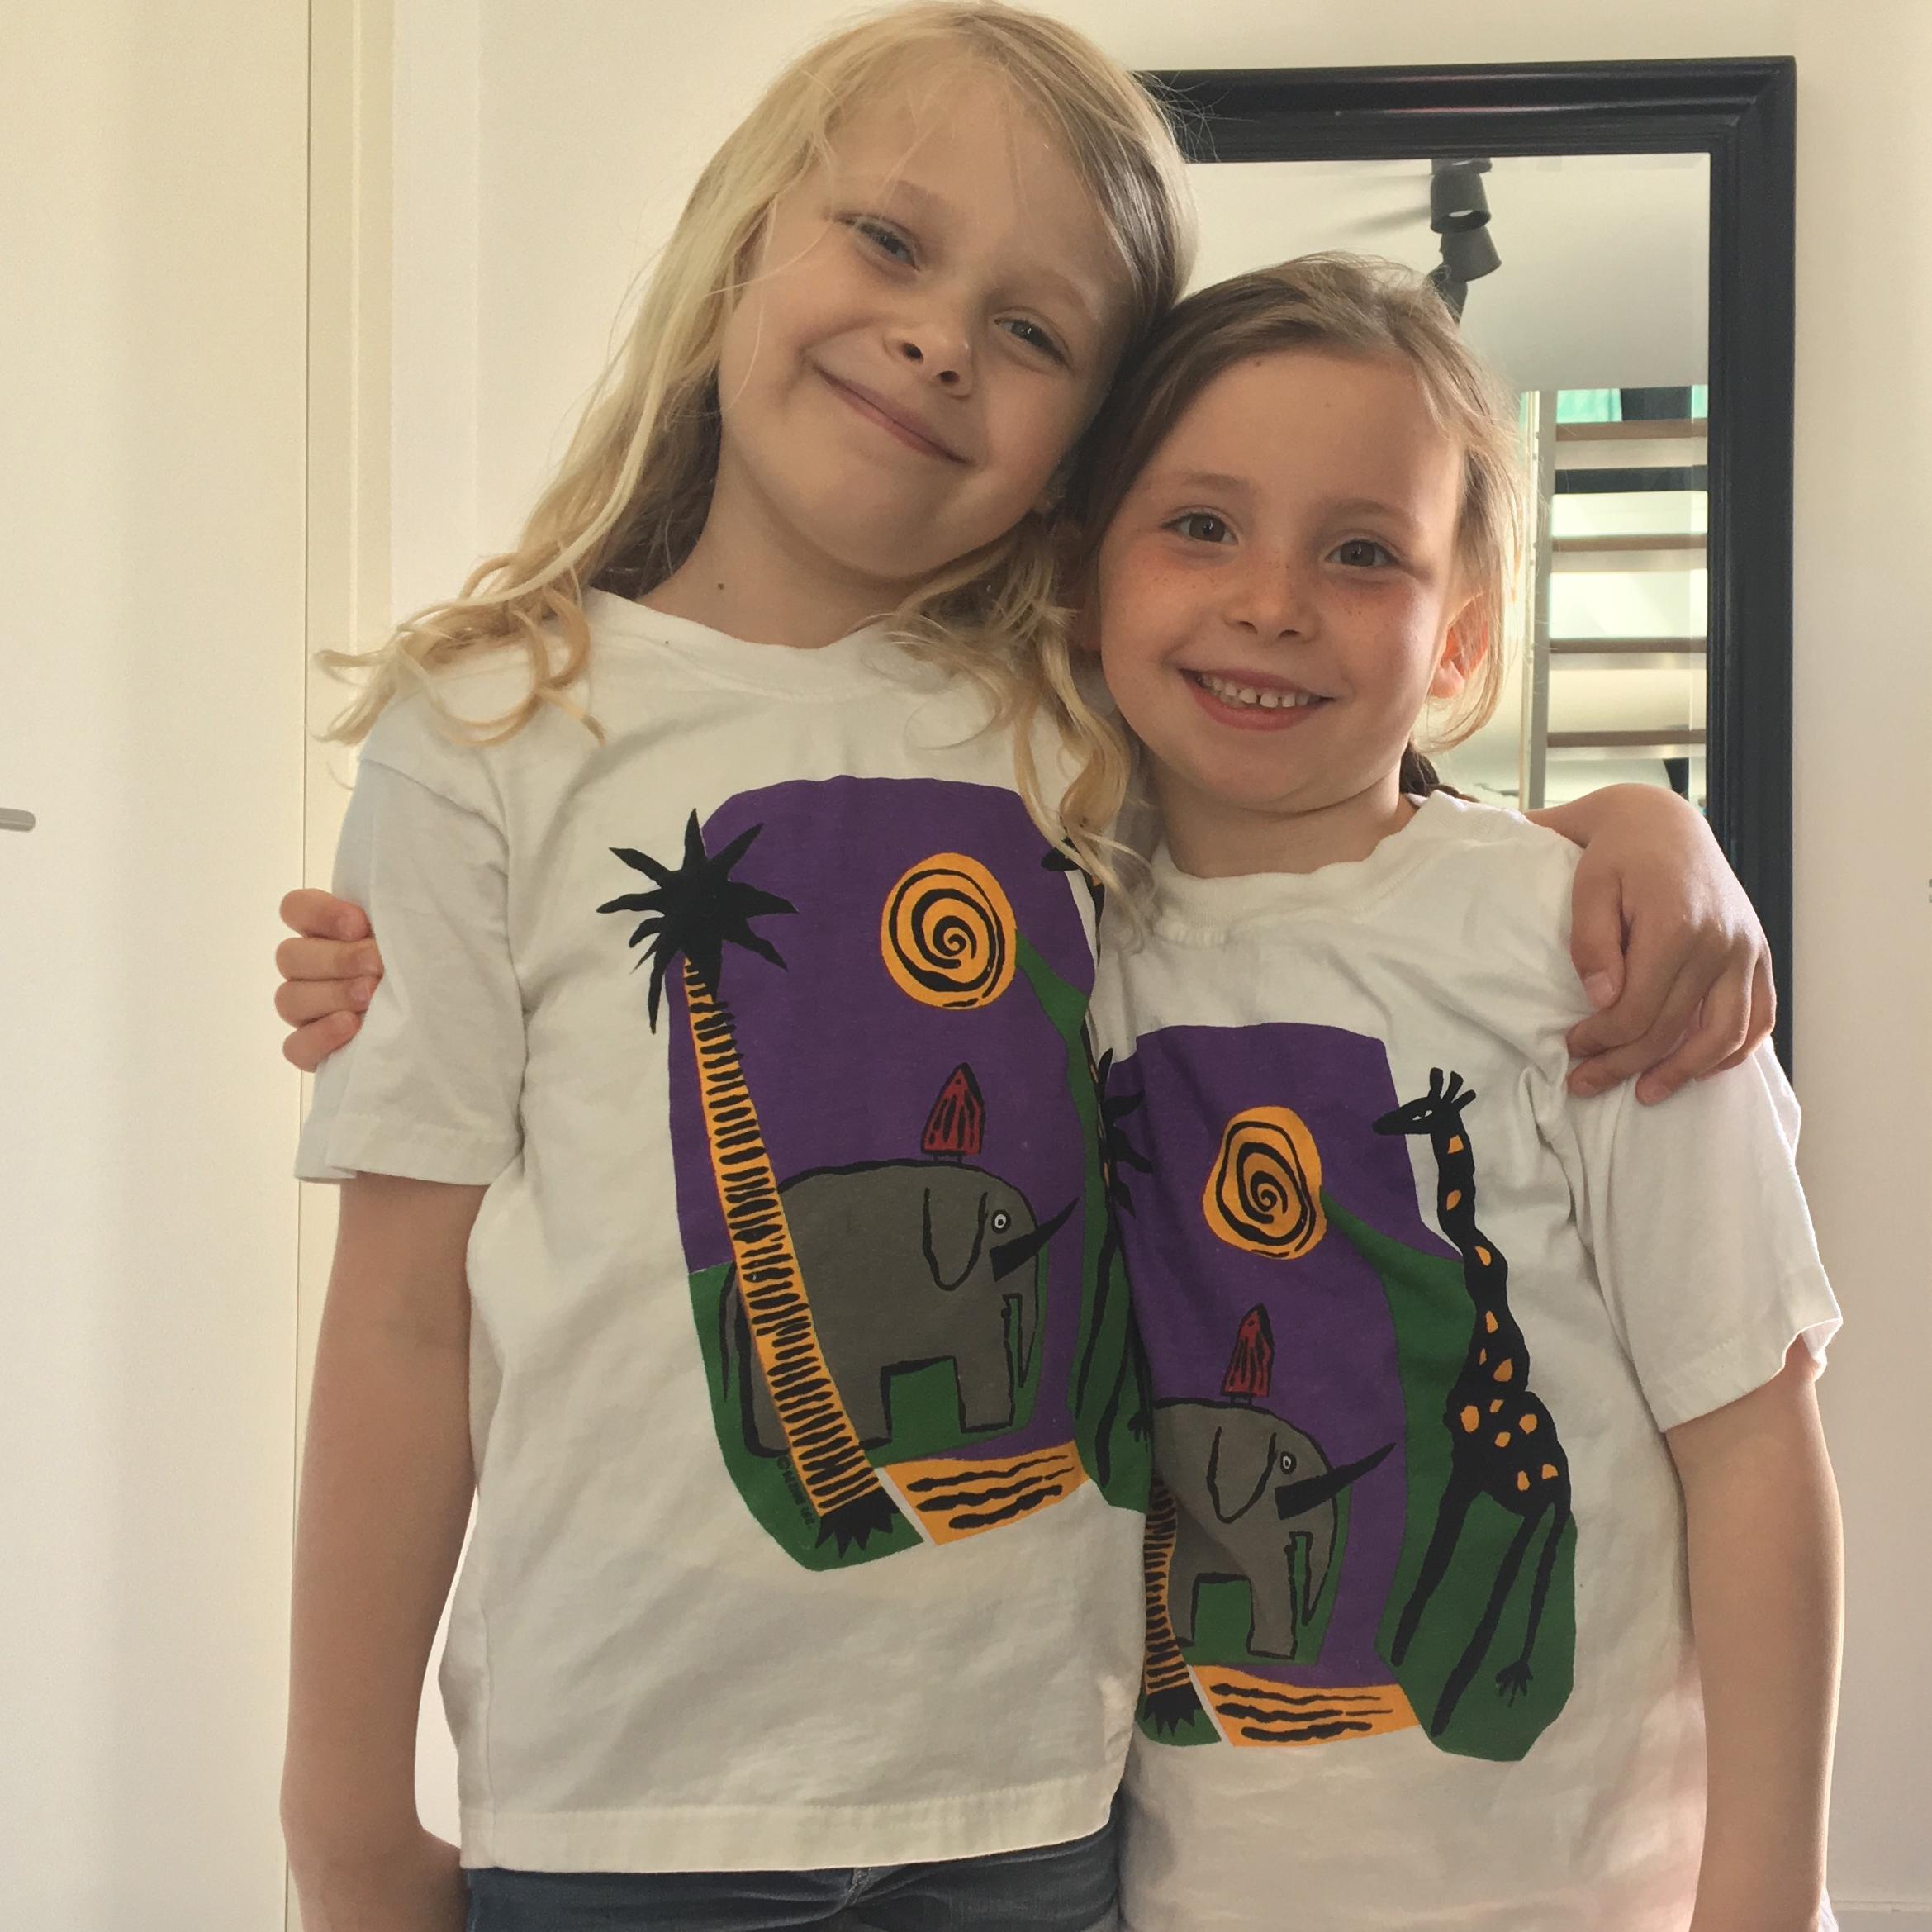 børne t-shirt, kunde